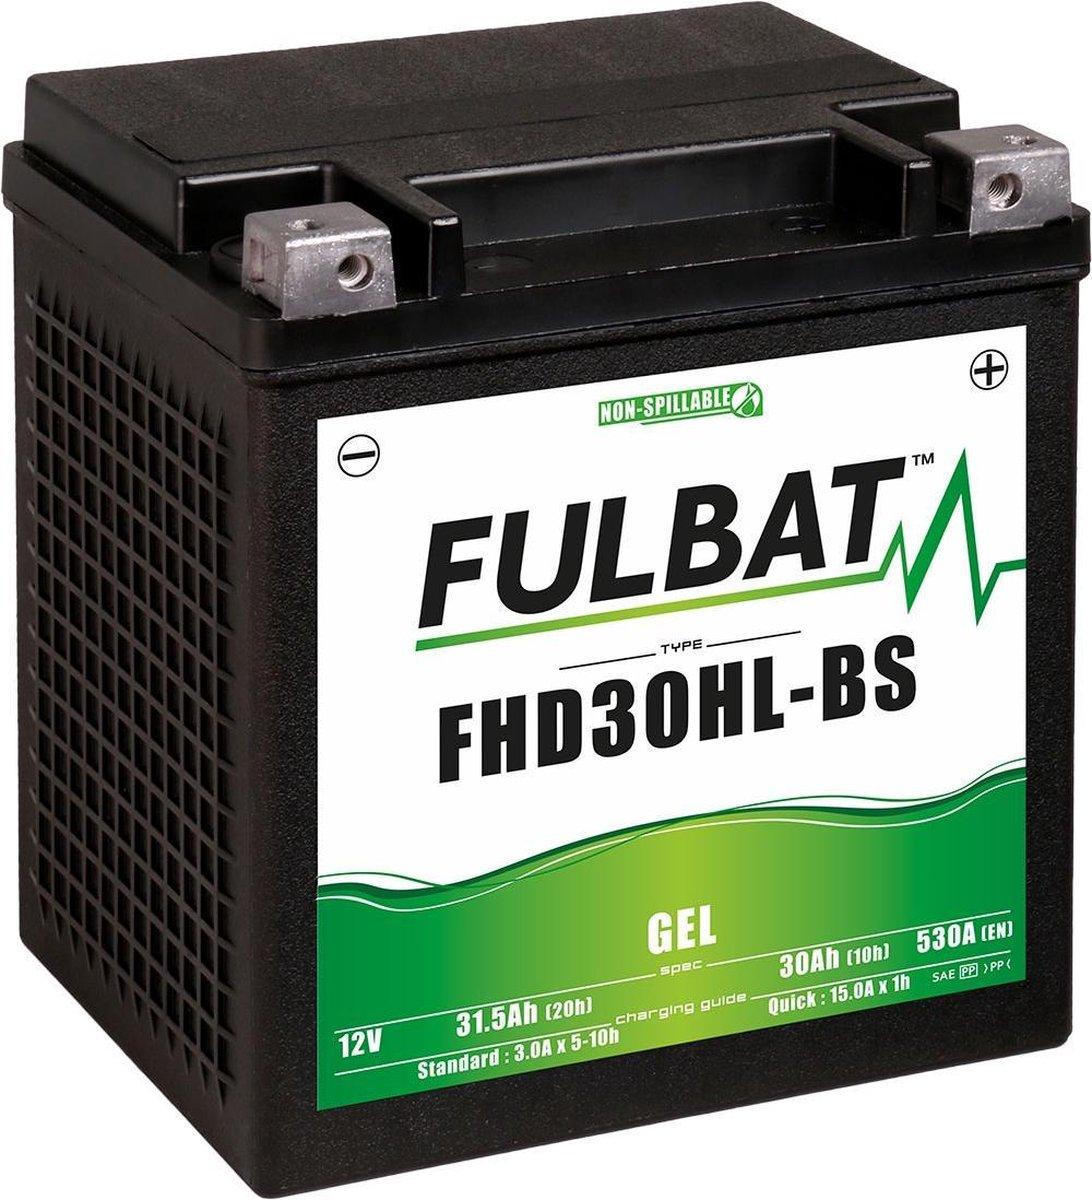 Fulbat FHD3OHL-BS Gel (H.D.) N